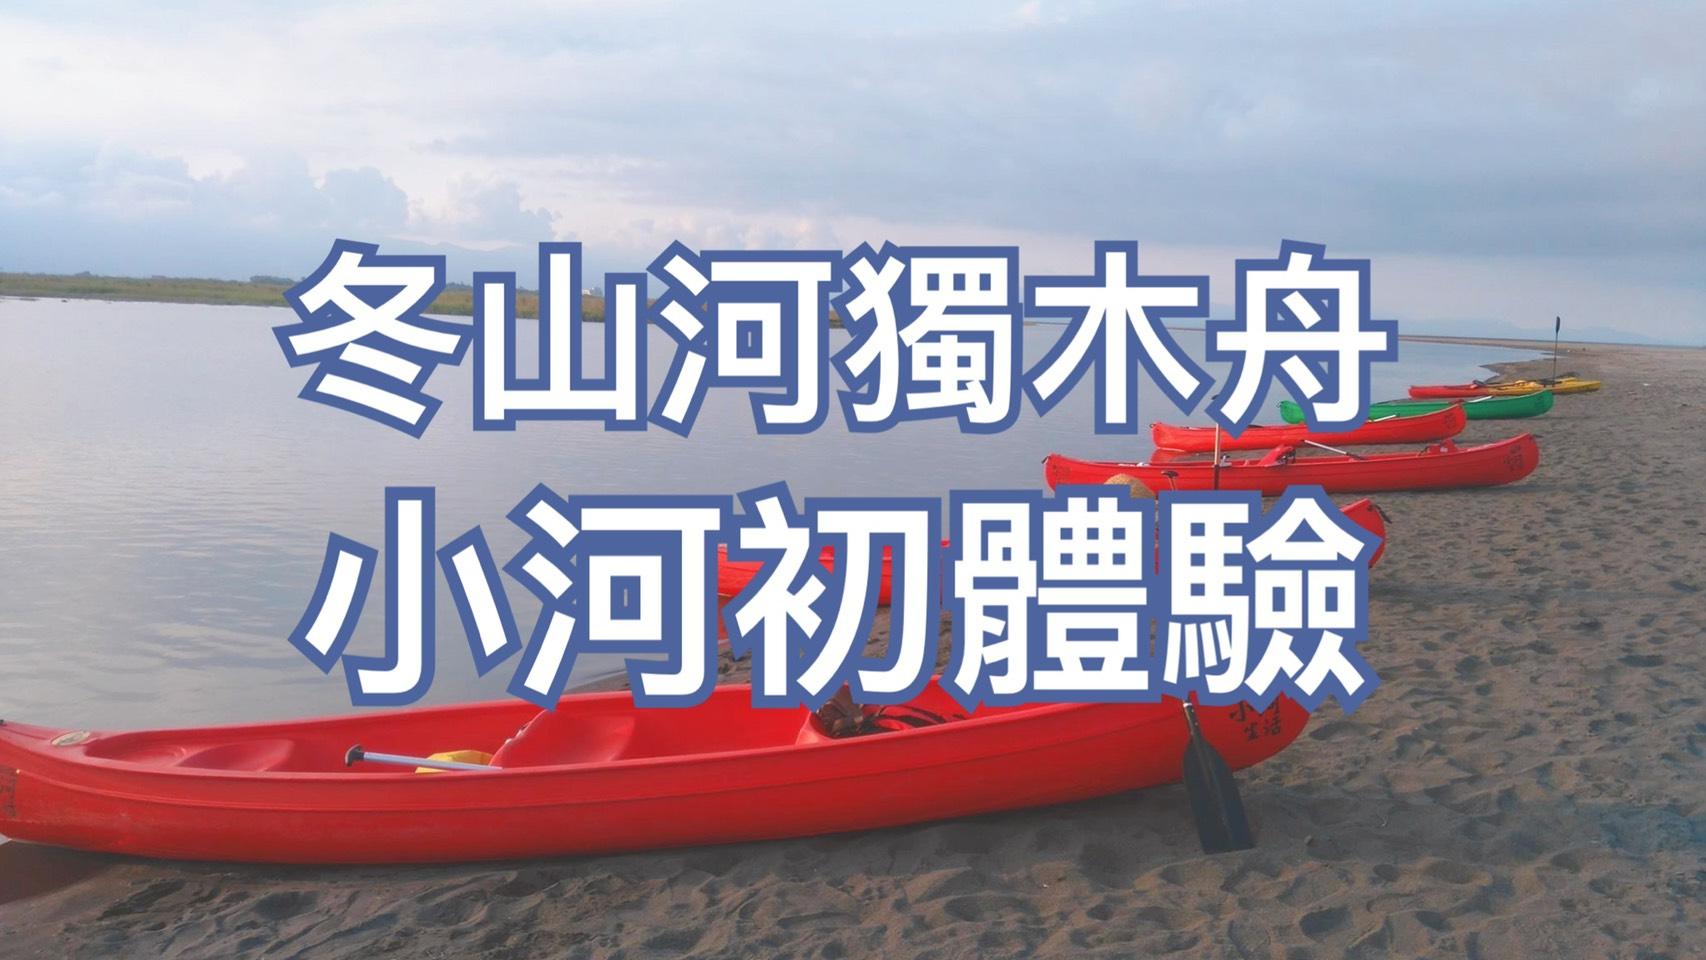 【冬山河獨木舟】羅東小河初體驗半日遊( ILN44 )